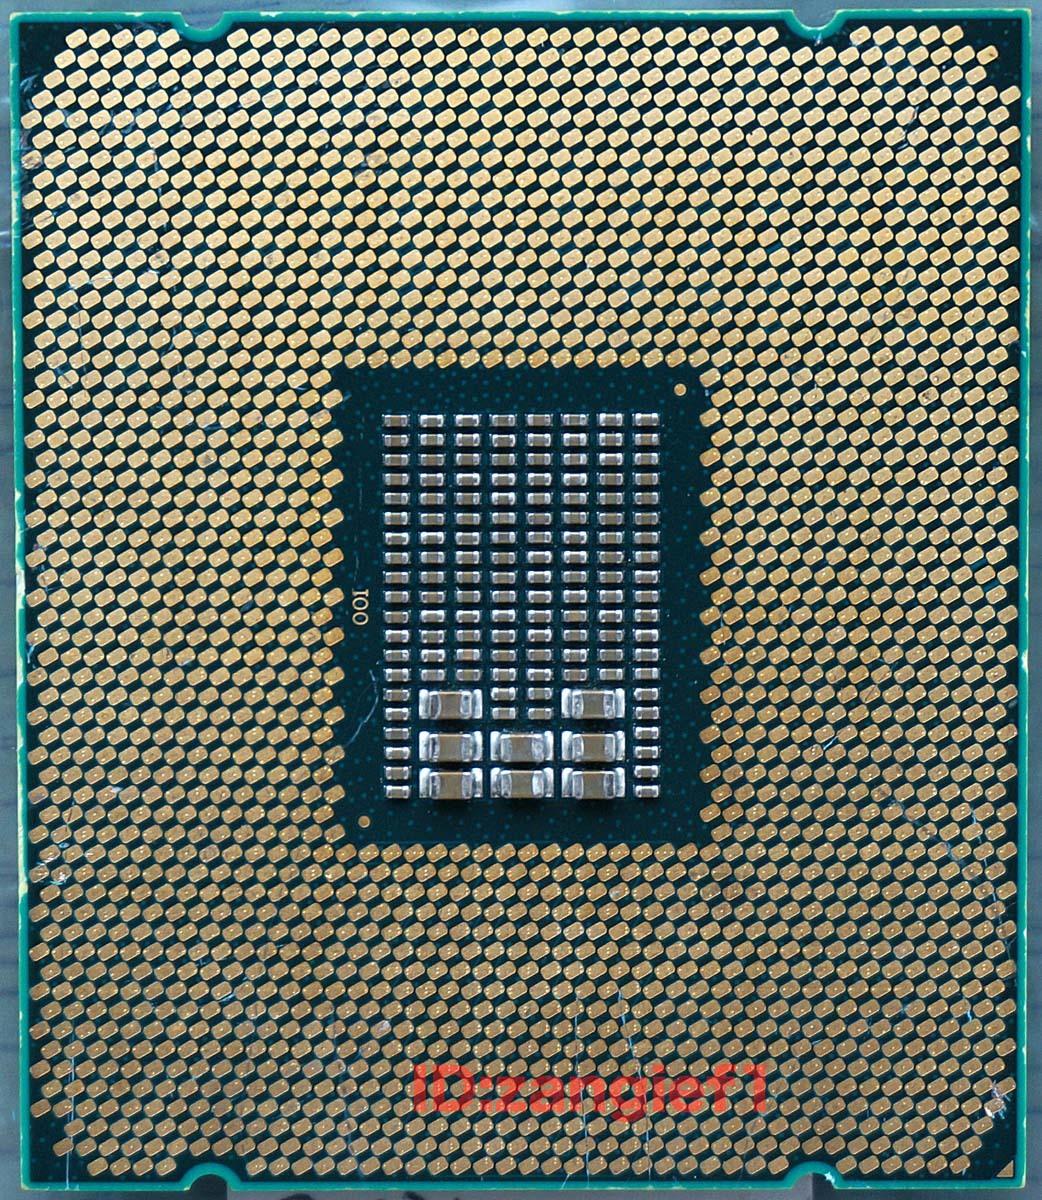 ★☆動作確認済 intel Xeon E5-1620 V4 ES QK3L 4コア8スレッド LGA2011-3 X99等 Broadwell-E☆★_画像2